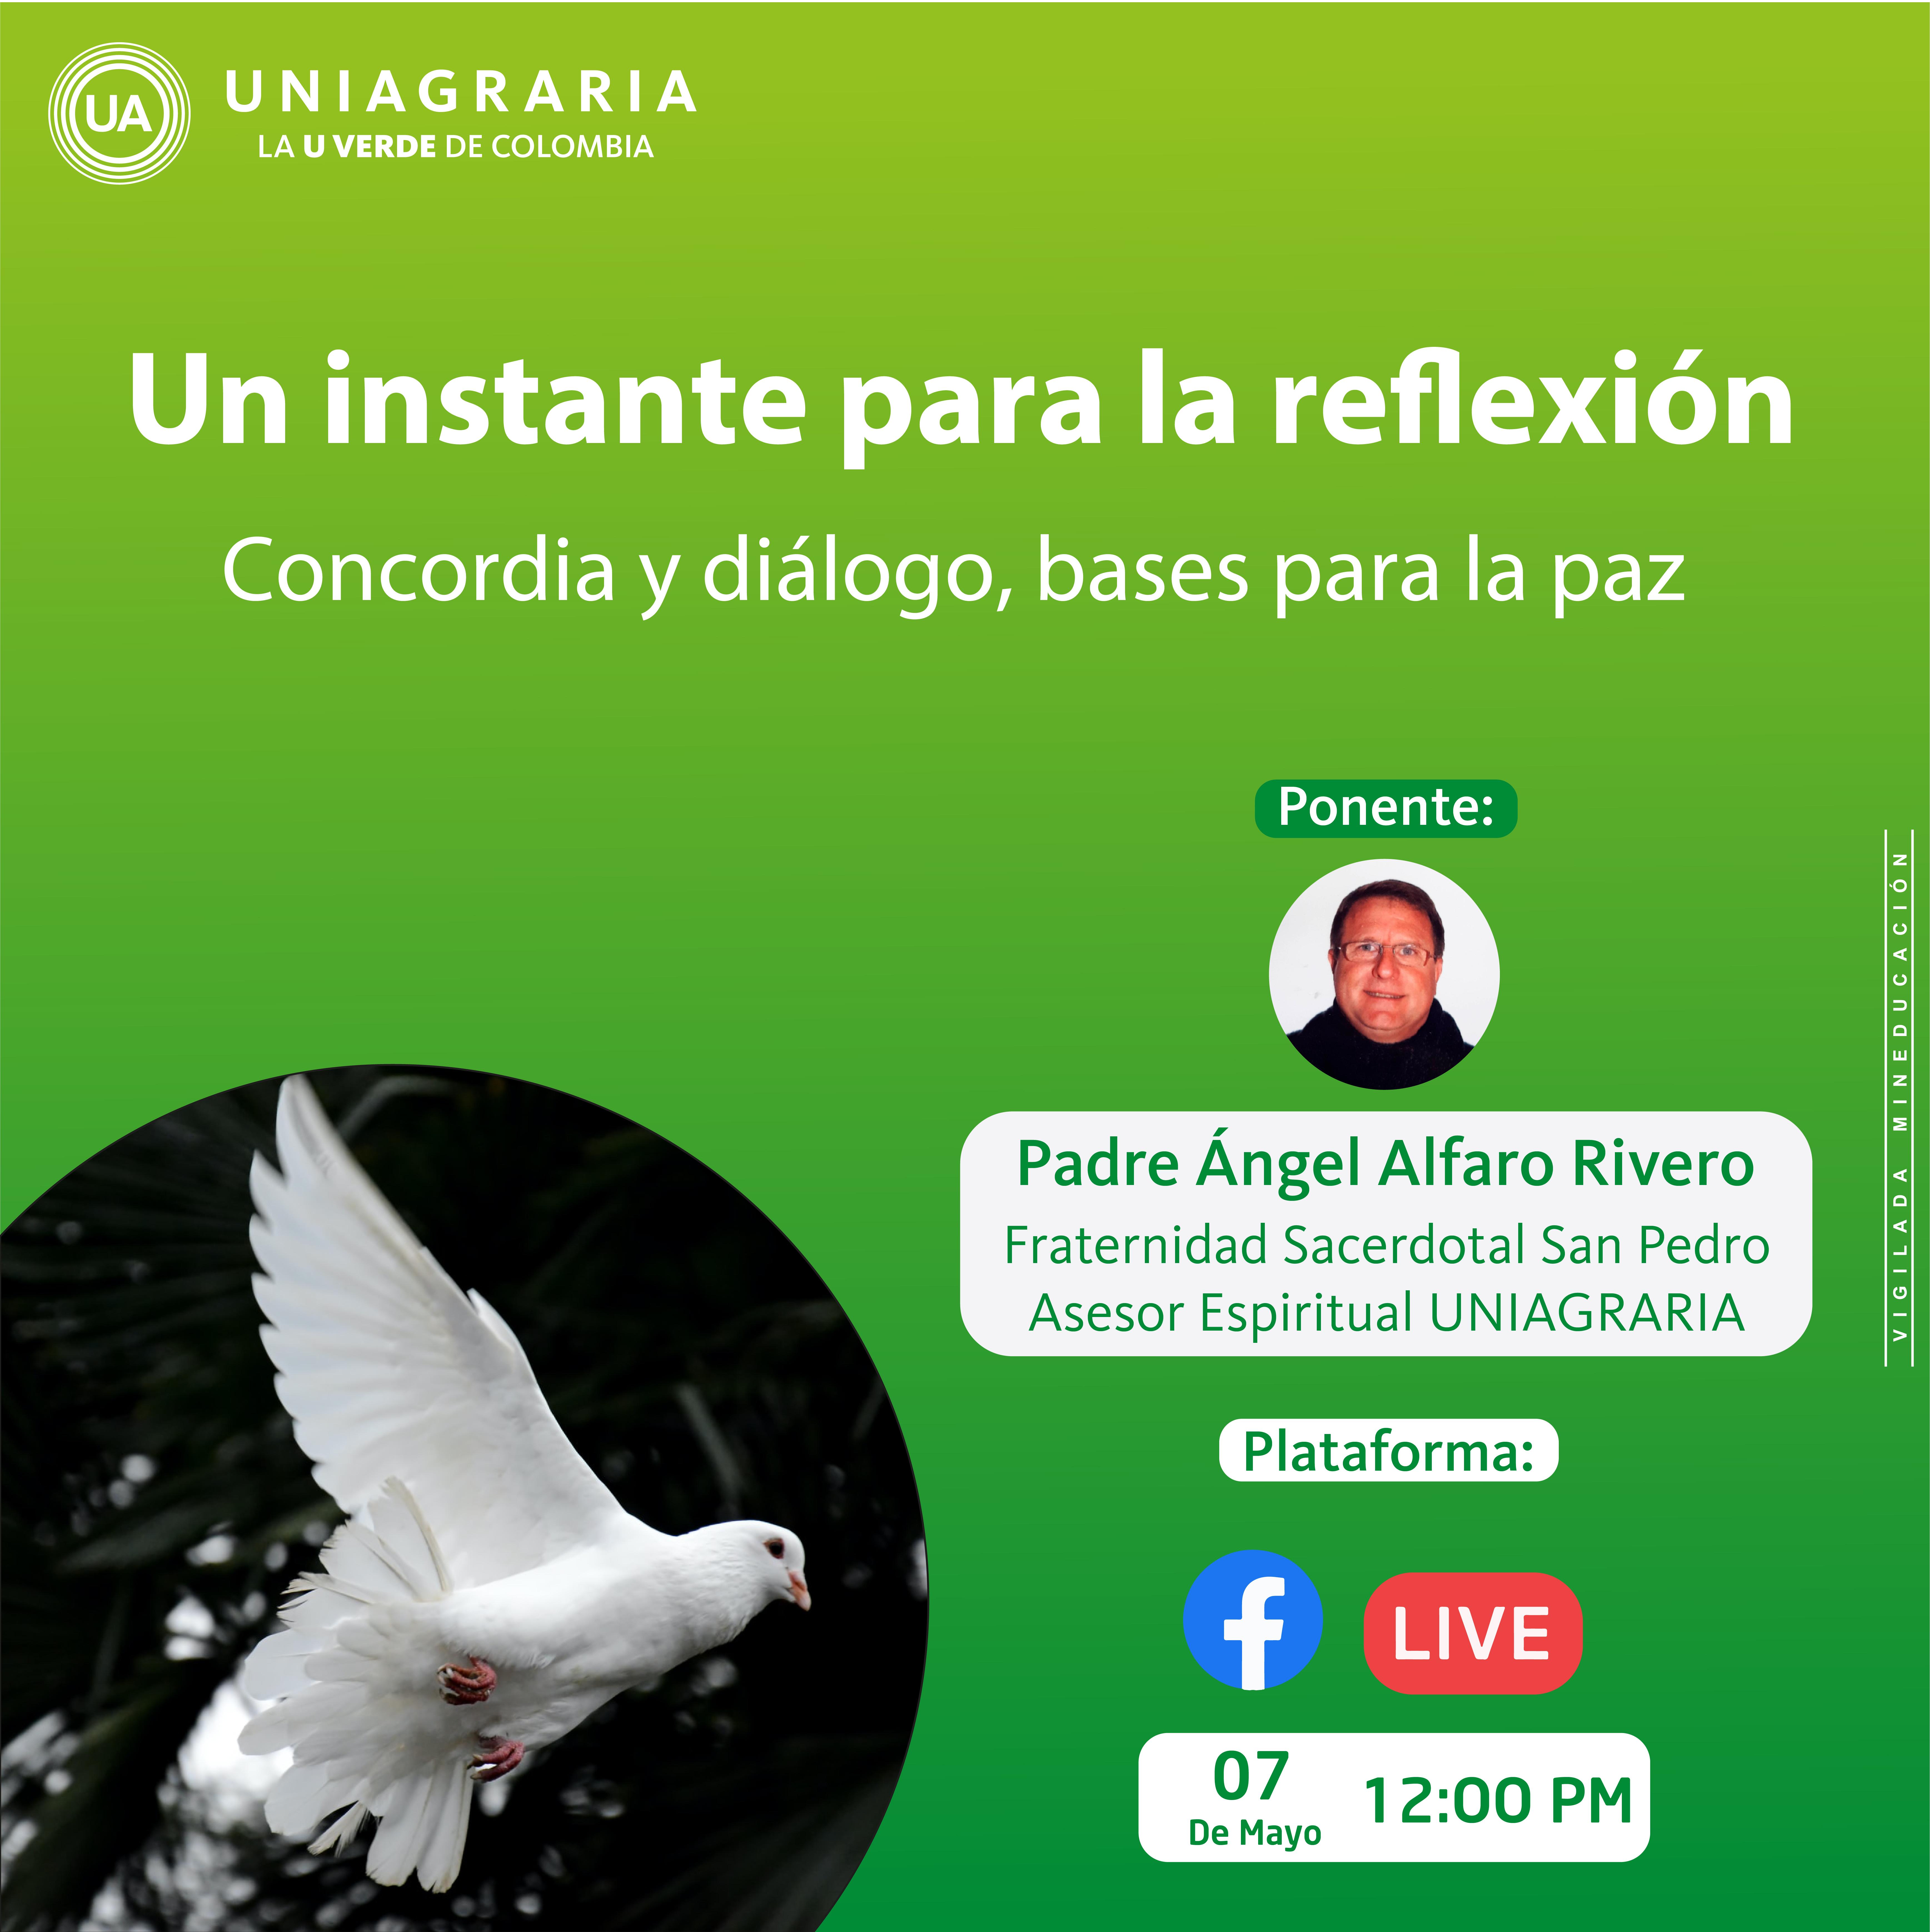 Un instante para la reflexión: Concordia y dialogo, base para la paz